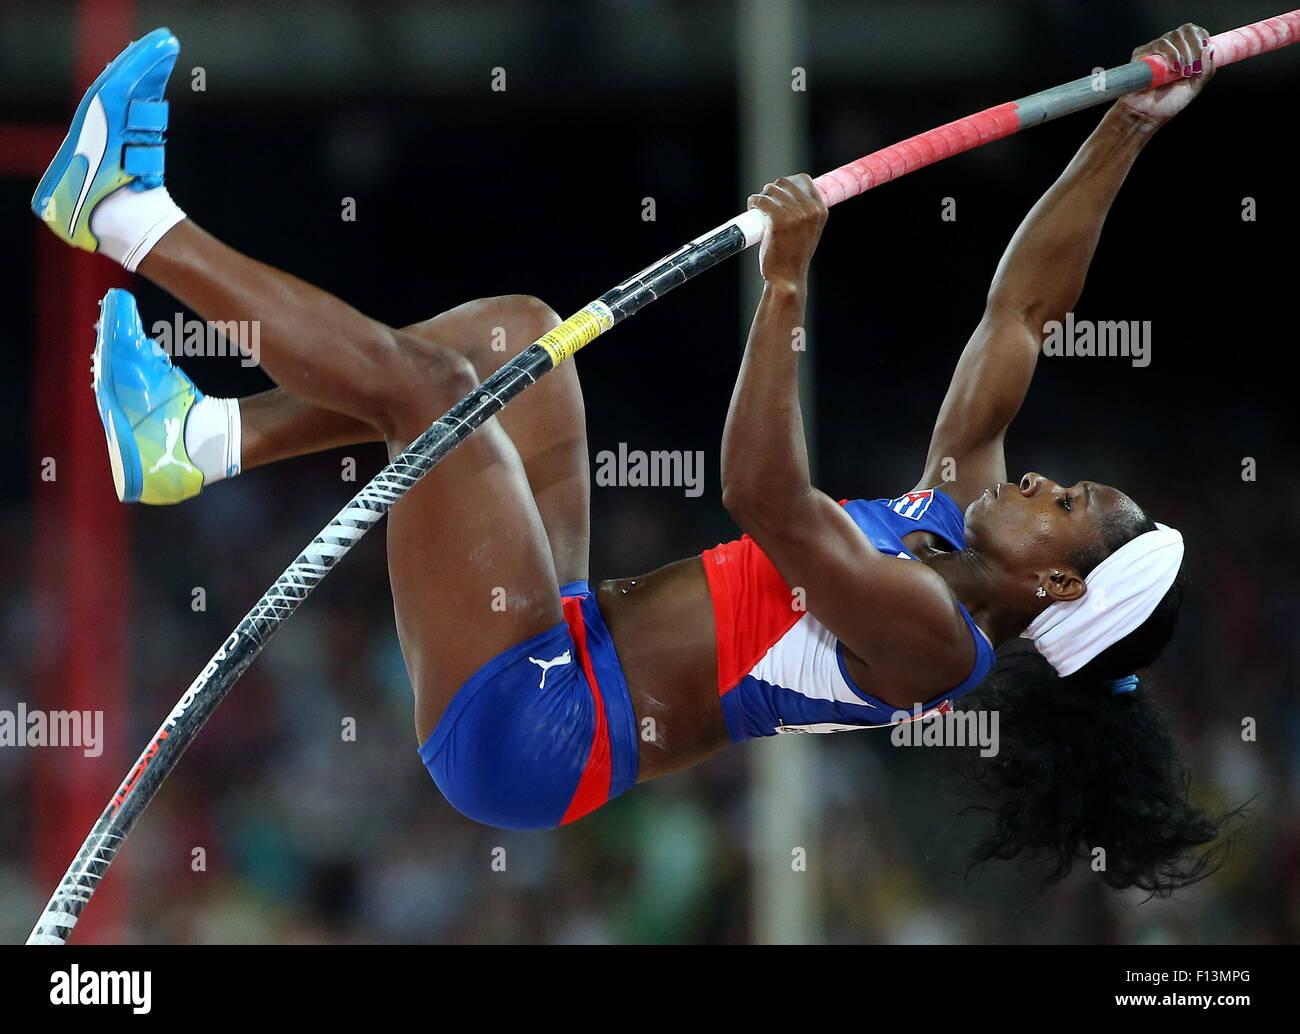 Pechino, Cina. 26 Ago, 2015. A Cuba Yarisley Silva compete per vincere la donna della pole vault finale del giorno Immagini Stock